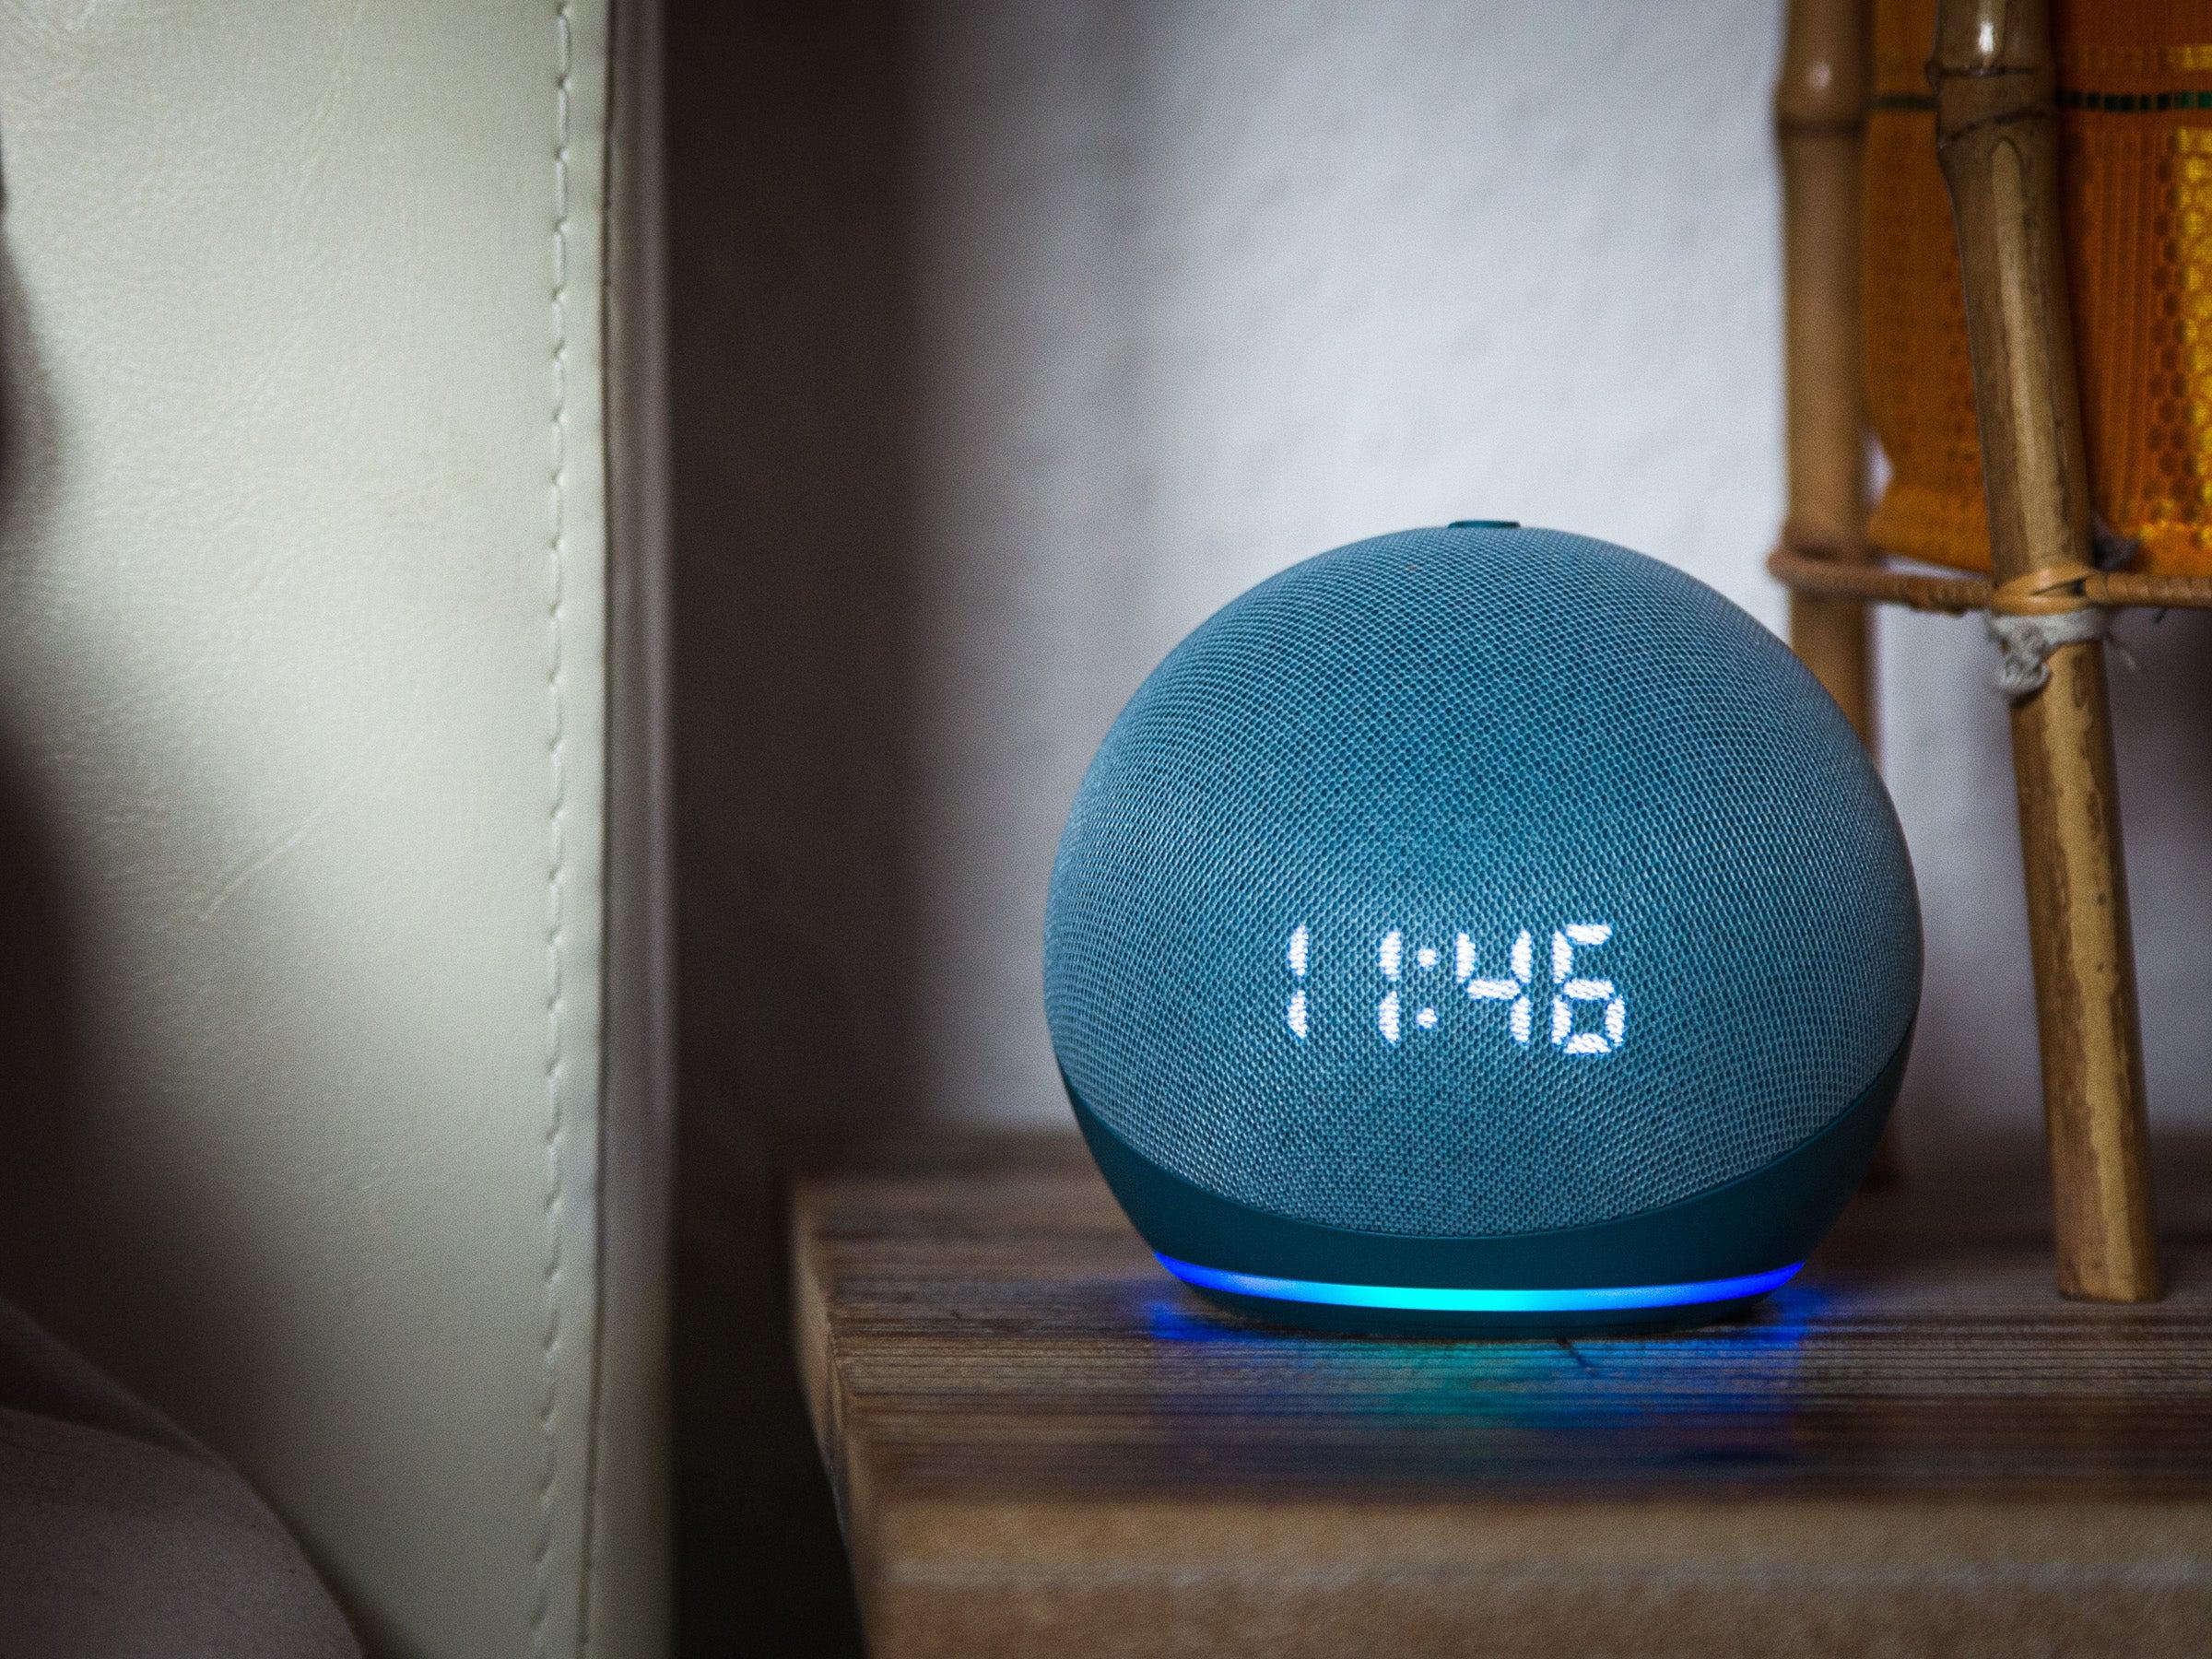 Amazon Echo Dot 4 Mit Led Display Im Test Das Macht Ihn So Besonders